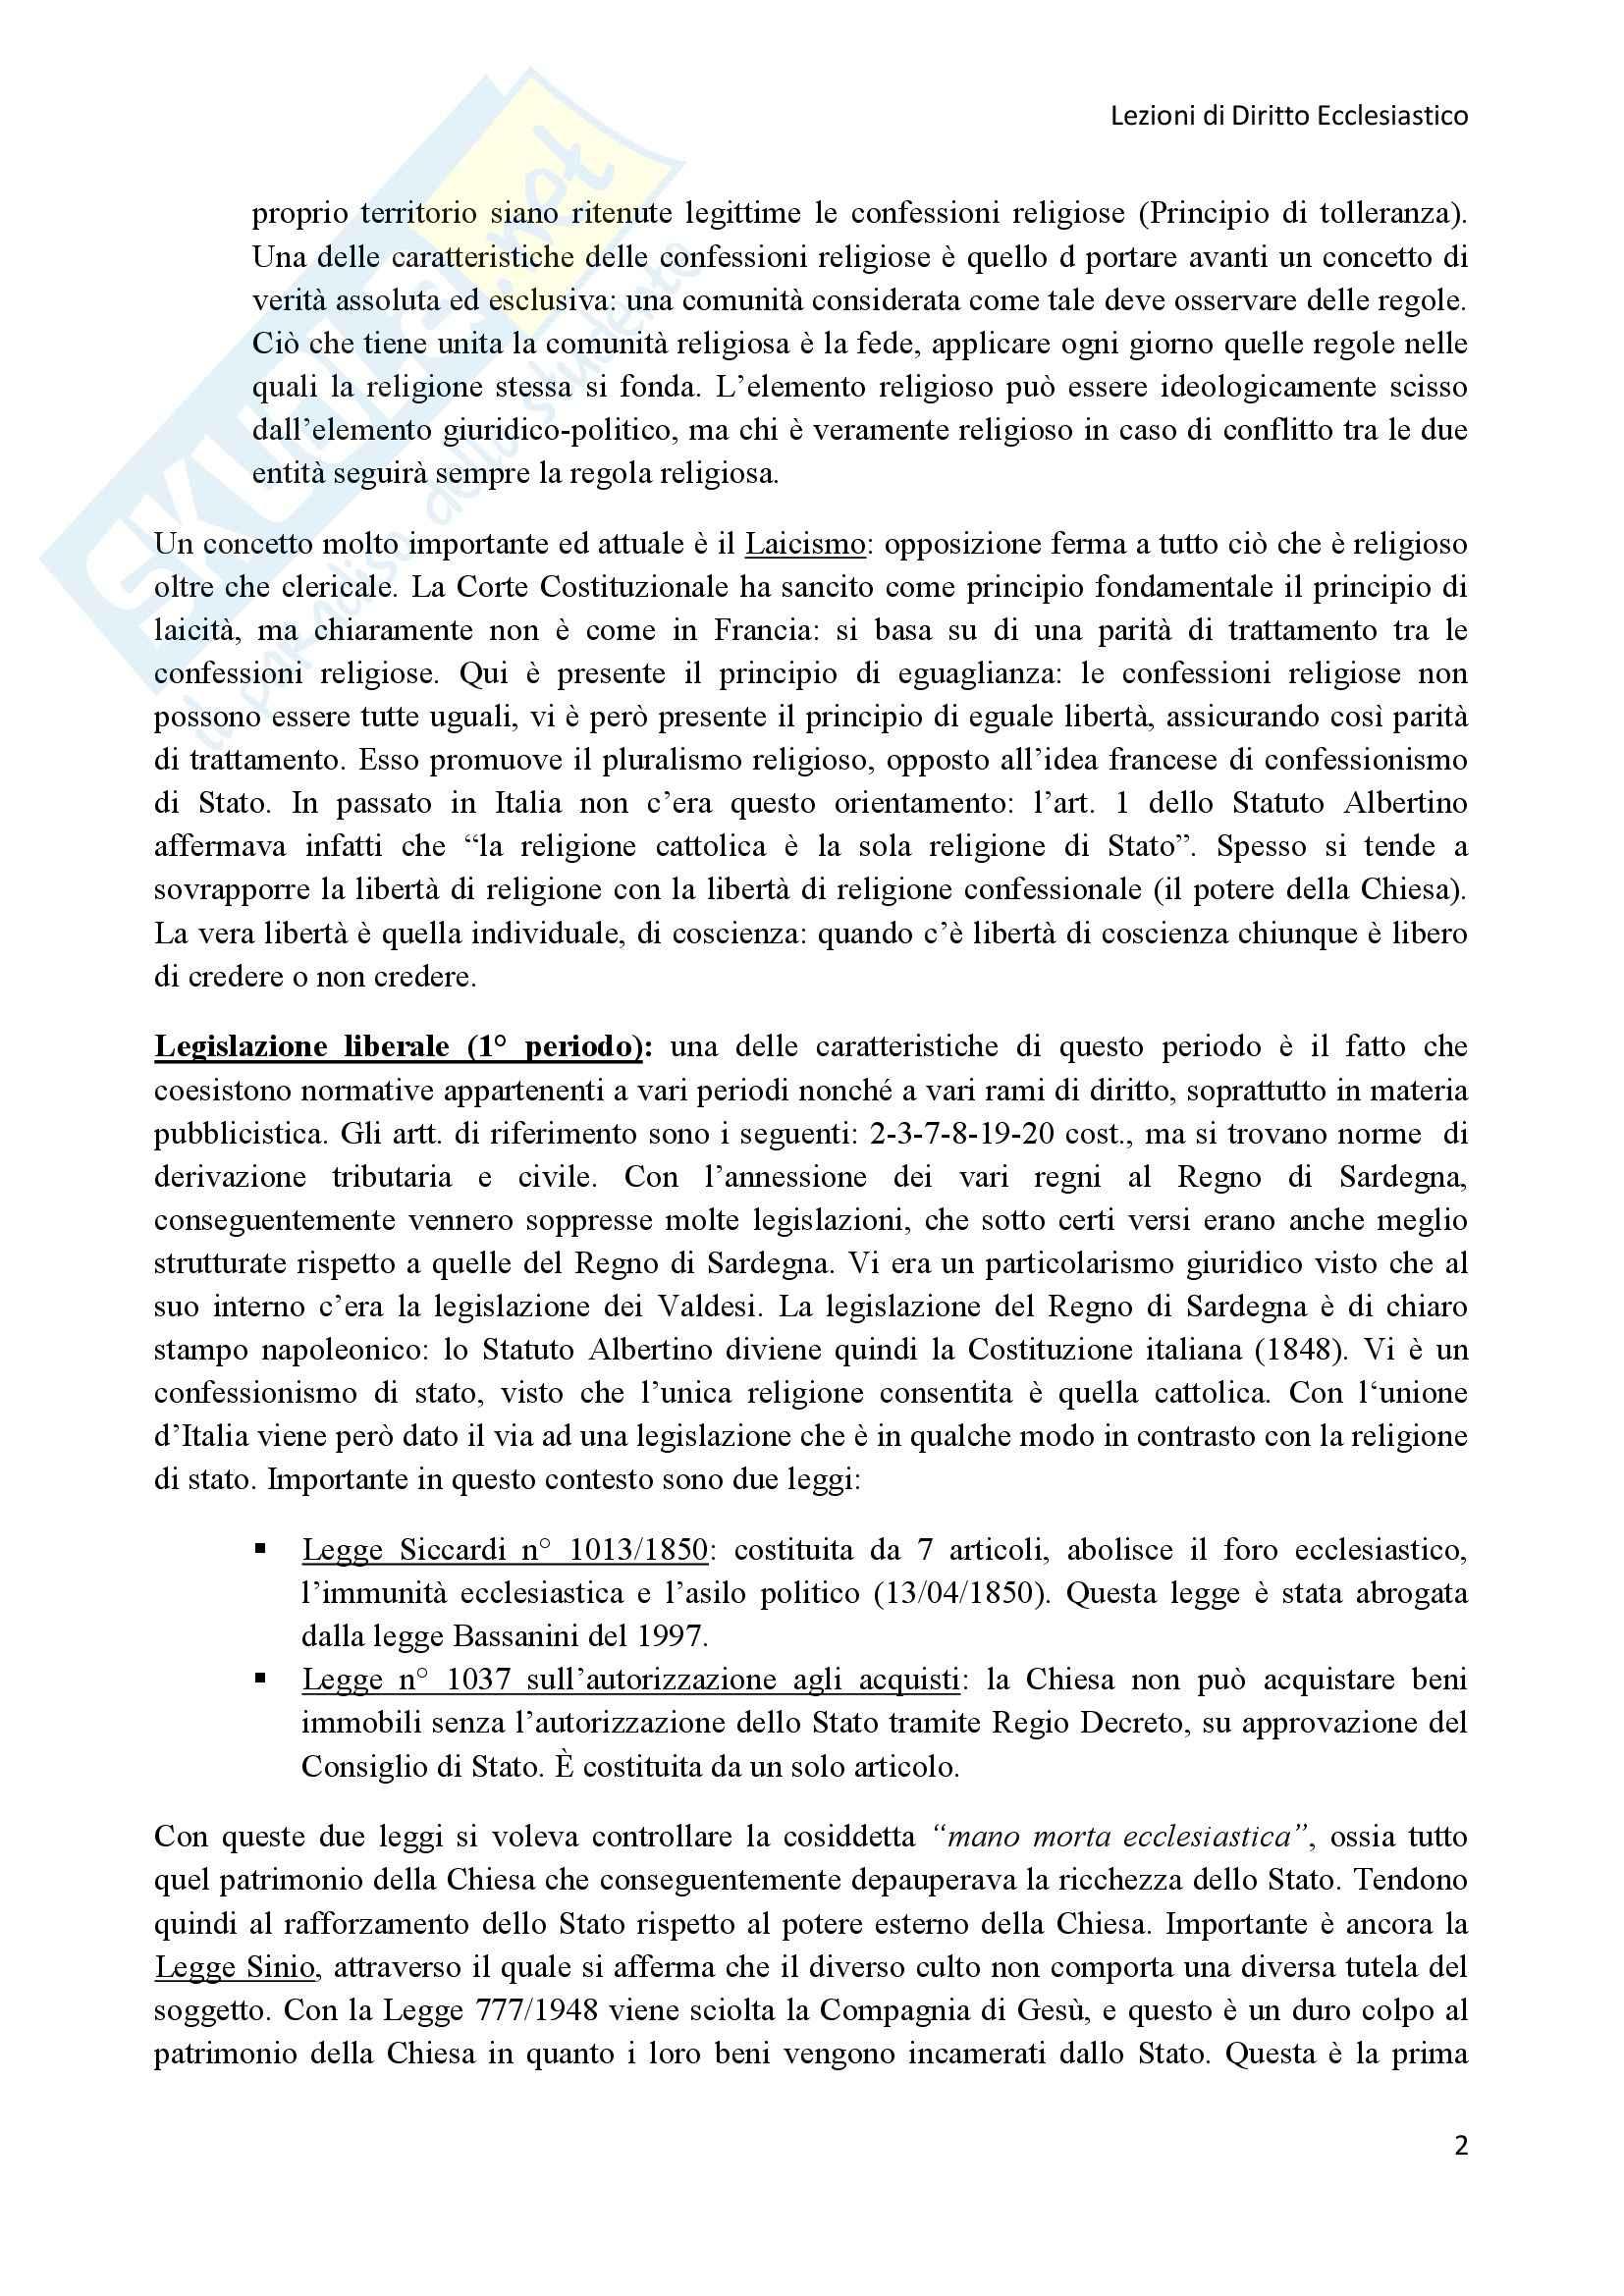 Diritto Ecclesiastico - Lezioni professoressa D'Arienzo Pag. 2